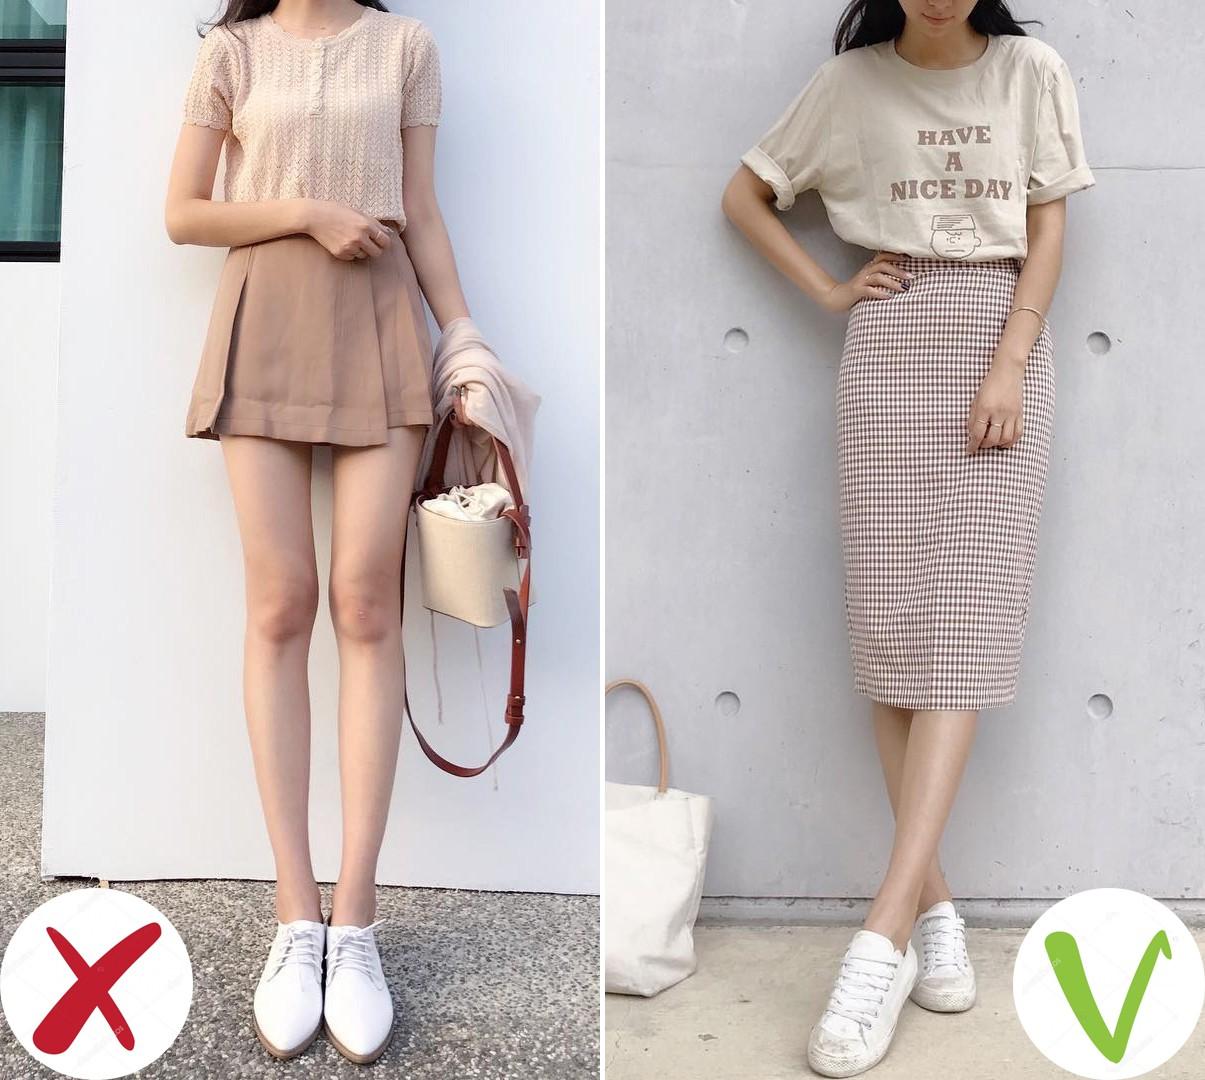 5 loại trang phục nên và không nên mặc tới công sở mà chị em nào cũng nên biết - Ảnh 7.